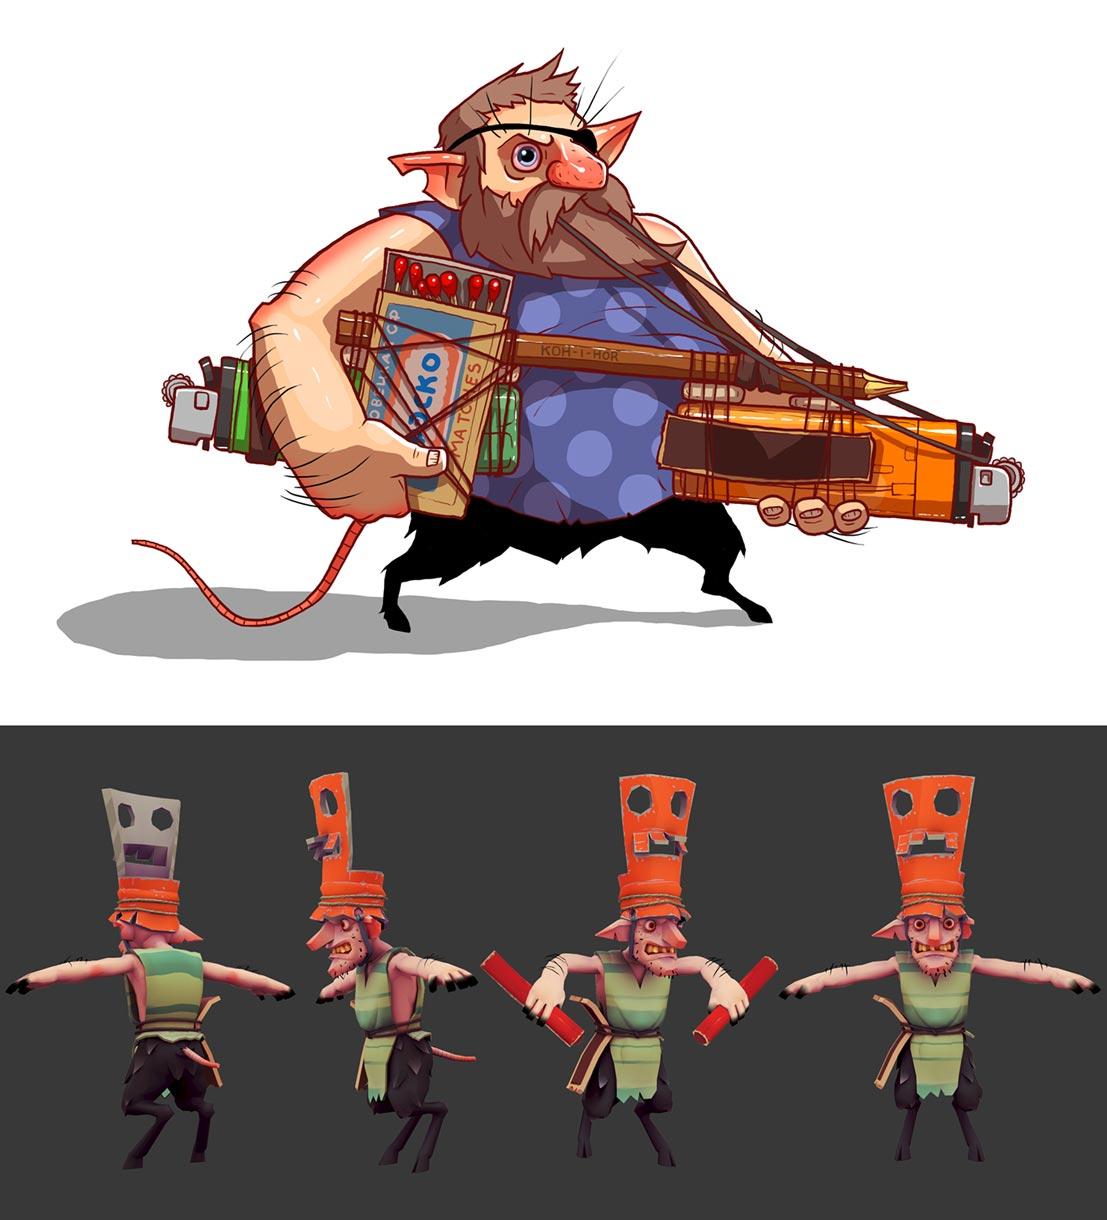 создание персонажей для игр